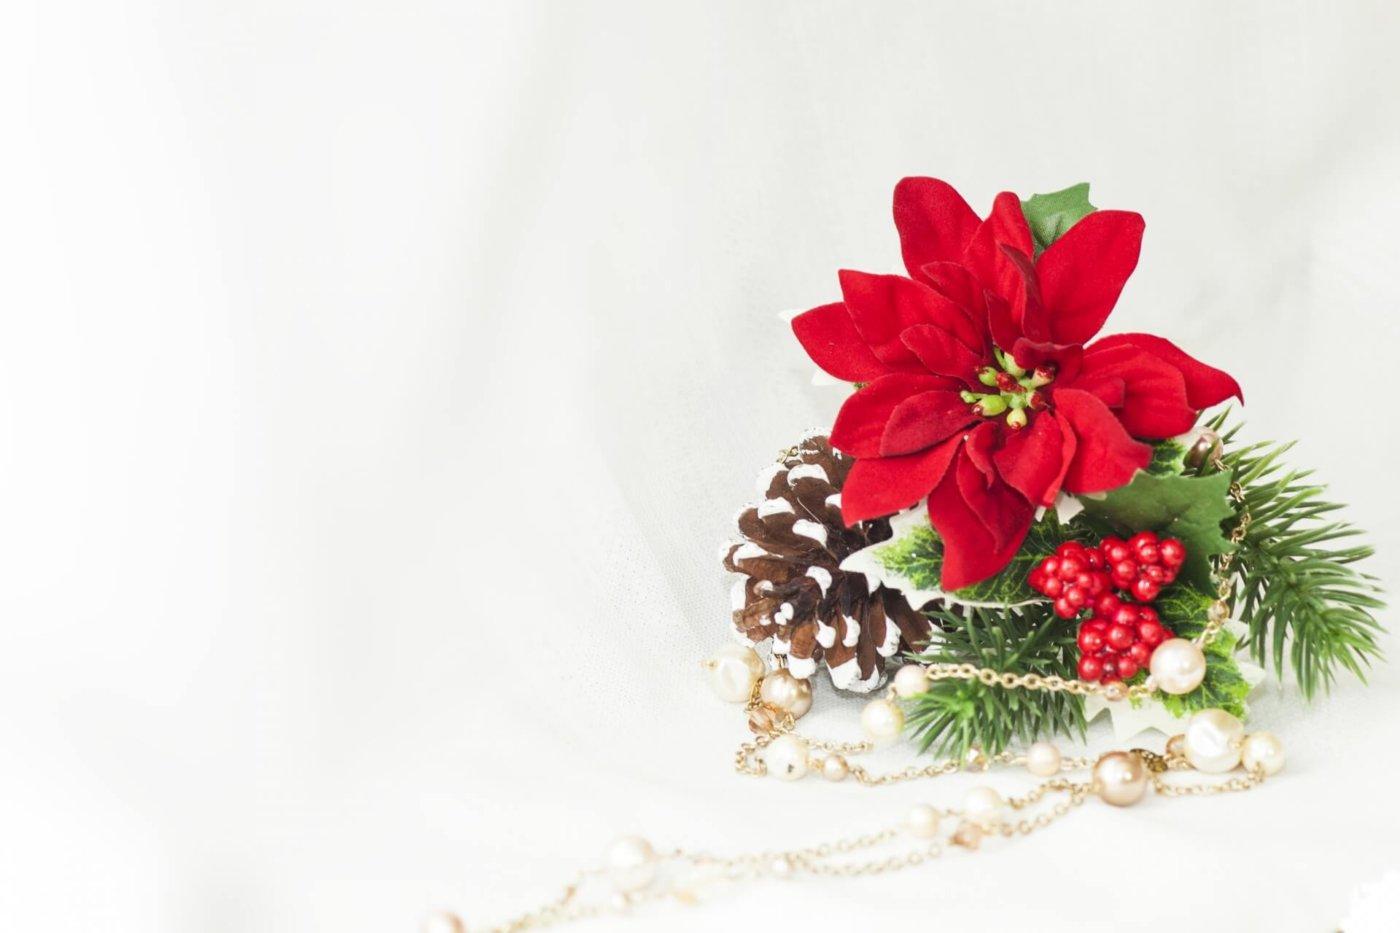 クリスマスプレゼントに花